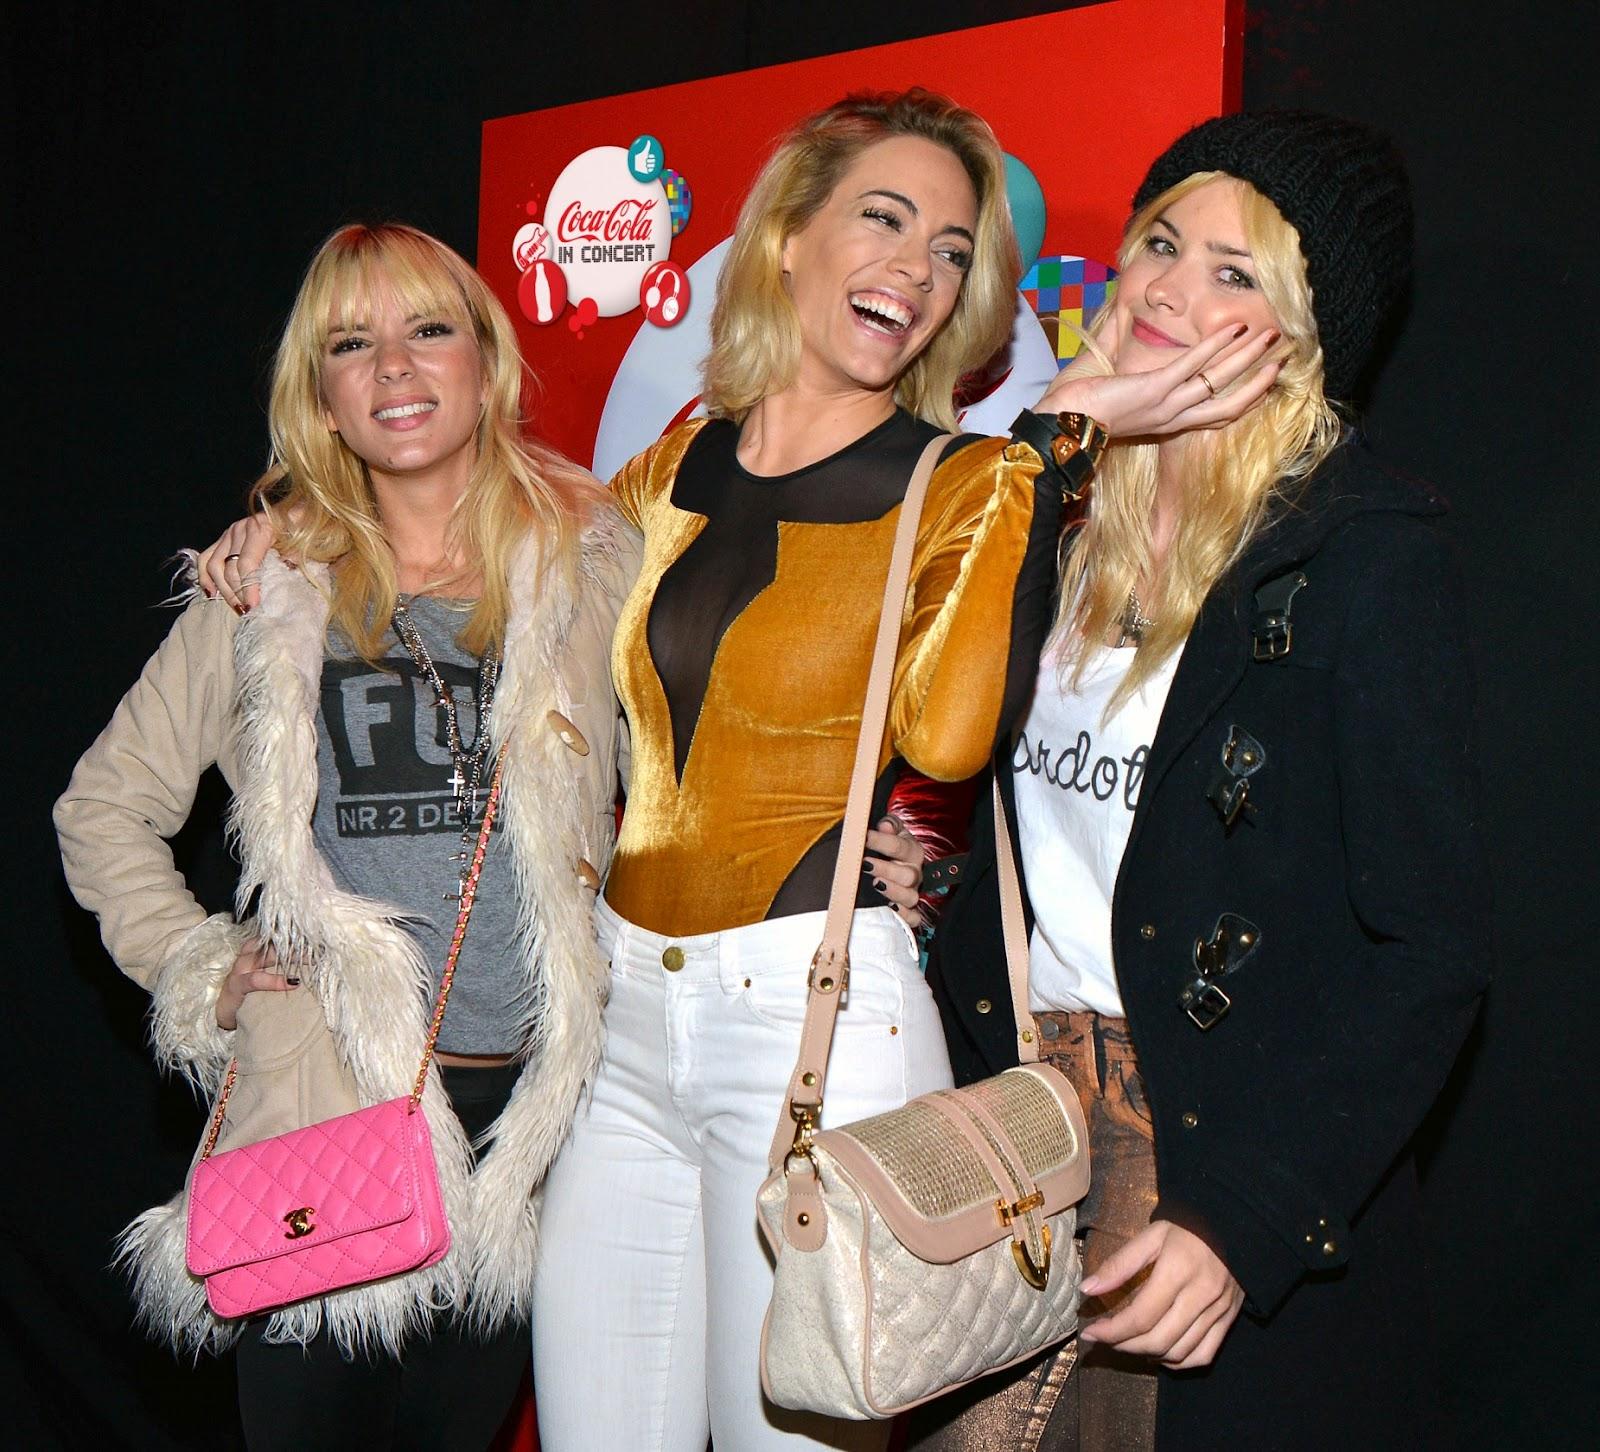 http://1.bp.blogspot.com/-DDbKYsoF0mY/T-X5l1laXJI/AAAAAAAAIOA/dA0TIx-LKJI/s1600/Coca-Cola+in+Concert+present%C3%B3+el+show+de+jennifer+L%C3%B3pez+(13).jpg